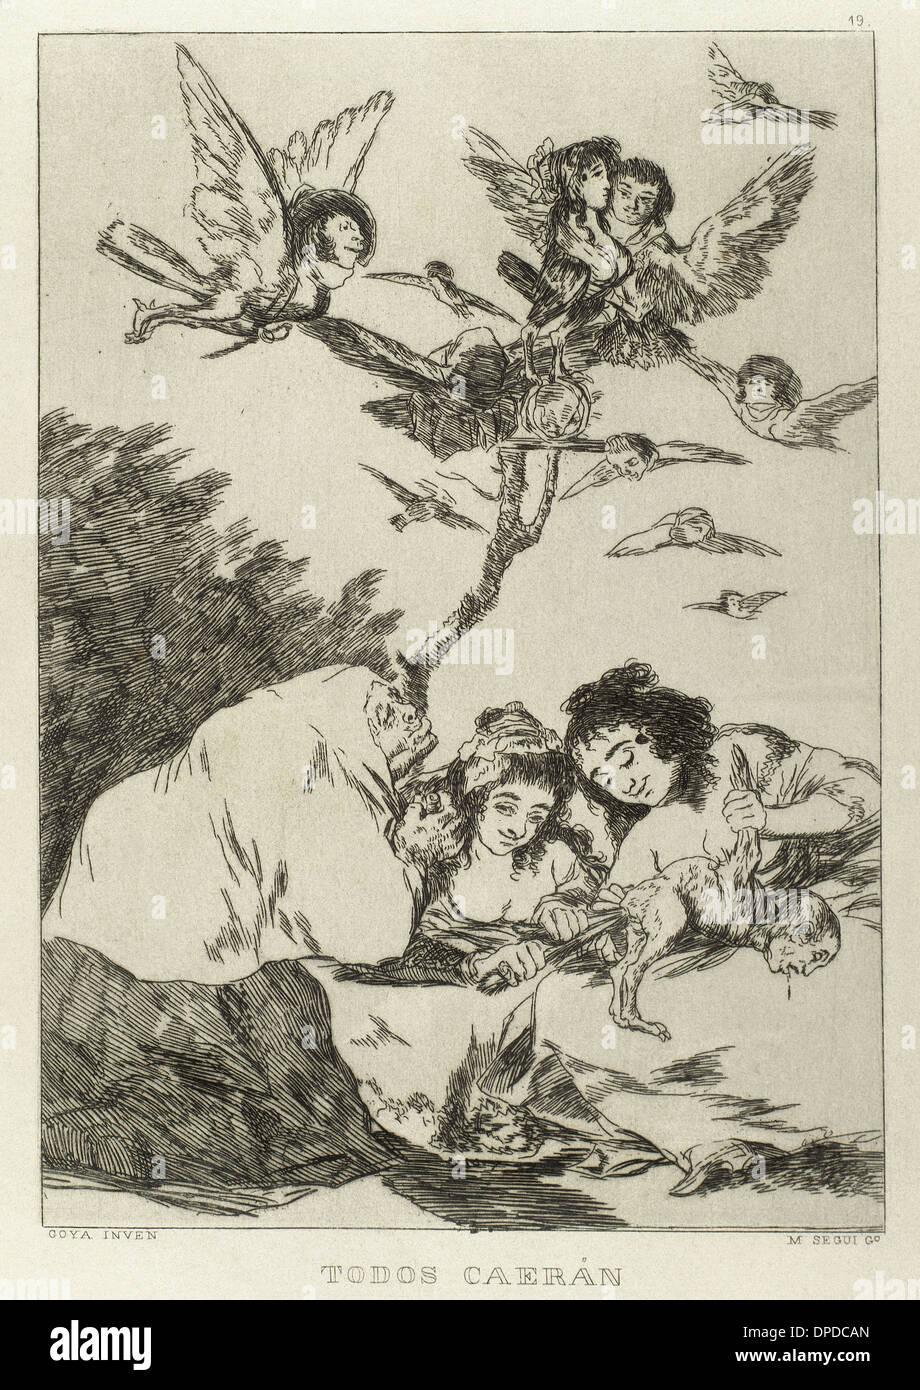 Goya (1746-1828). Lo spagnolo pittore e incisore. Los Caprichos. Todos caeran (cadono tutte). Numero 19. La puntasecca. Immagini Stock